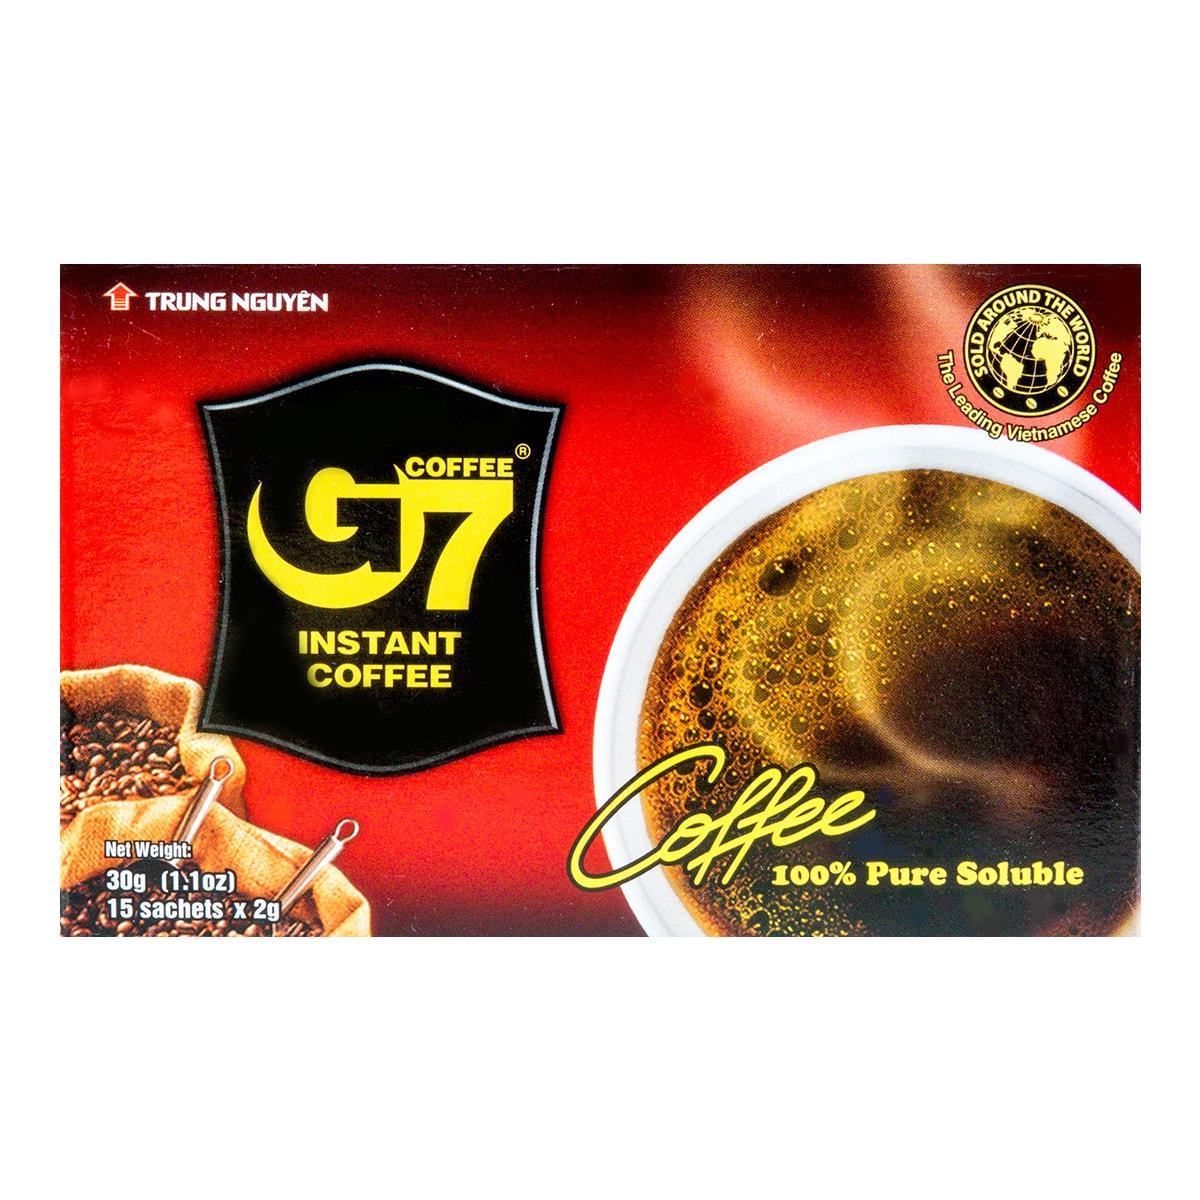 越南中原 G7无糖速溶黑咖啡 15包入 30g